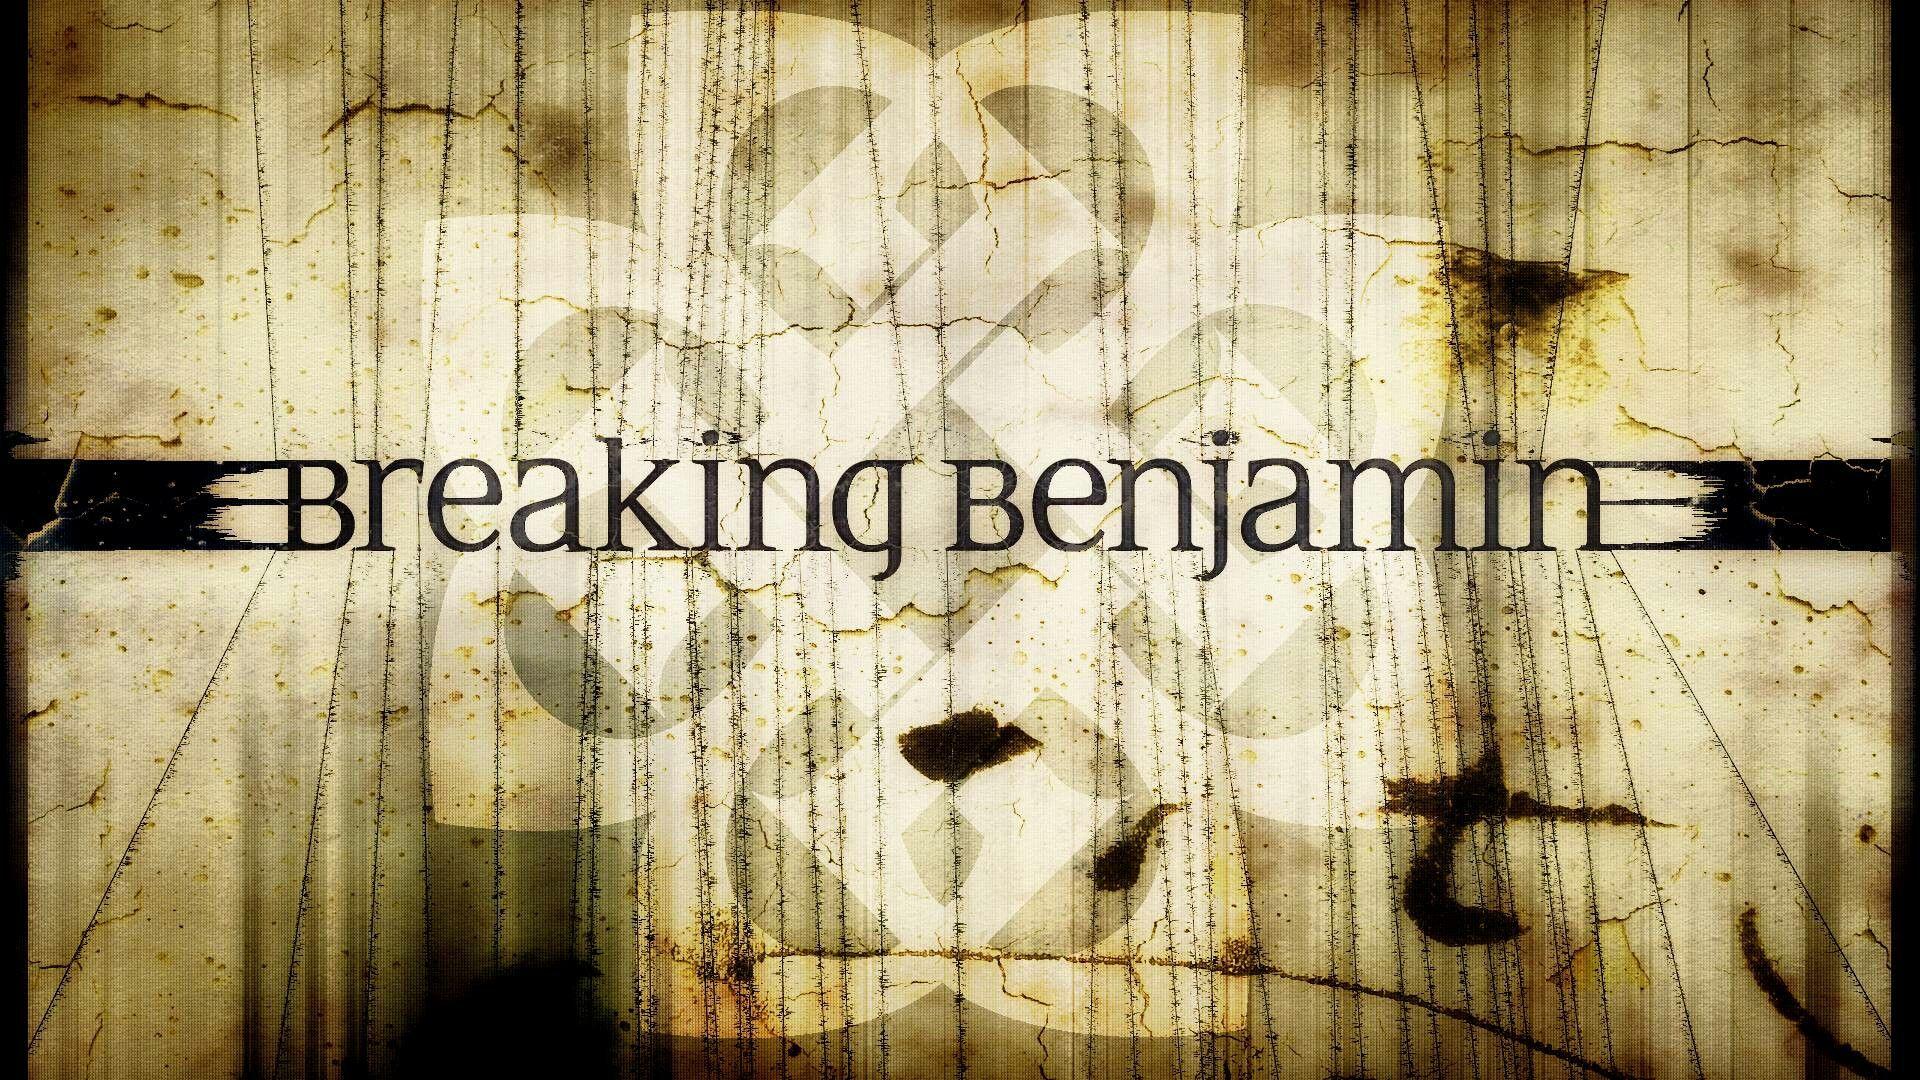 Breaking Benjamin Wallpaper